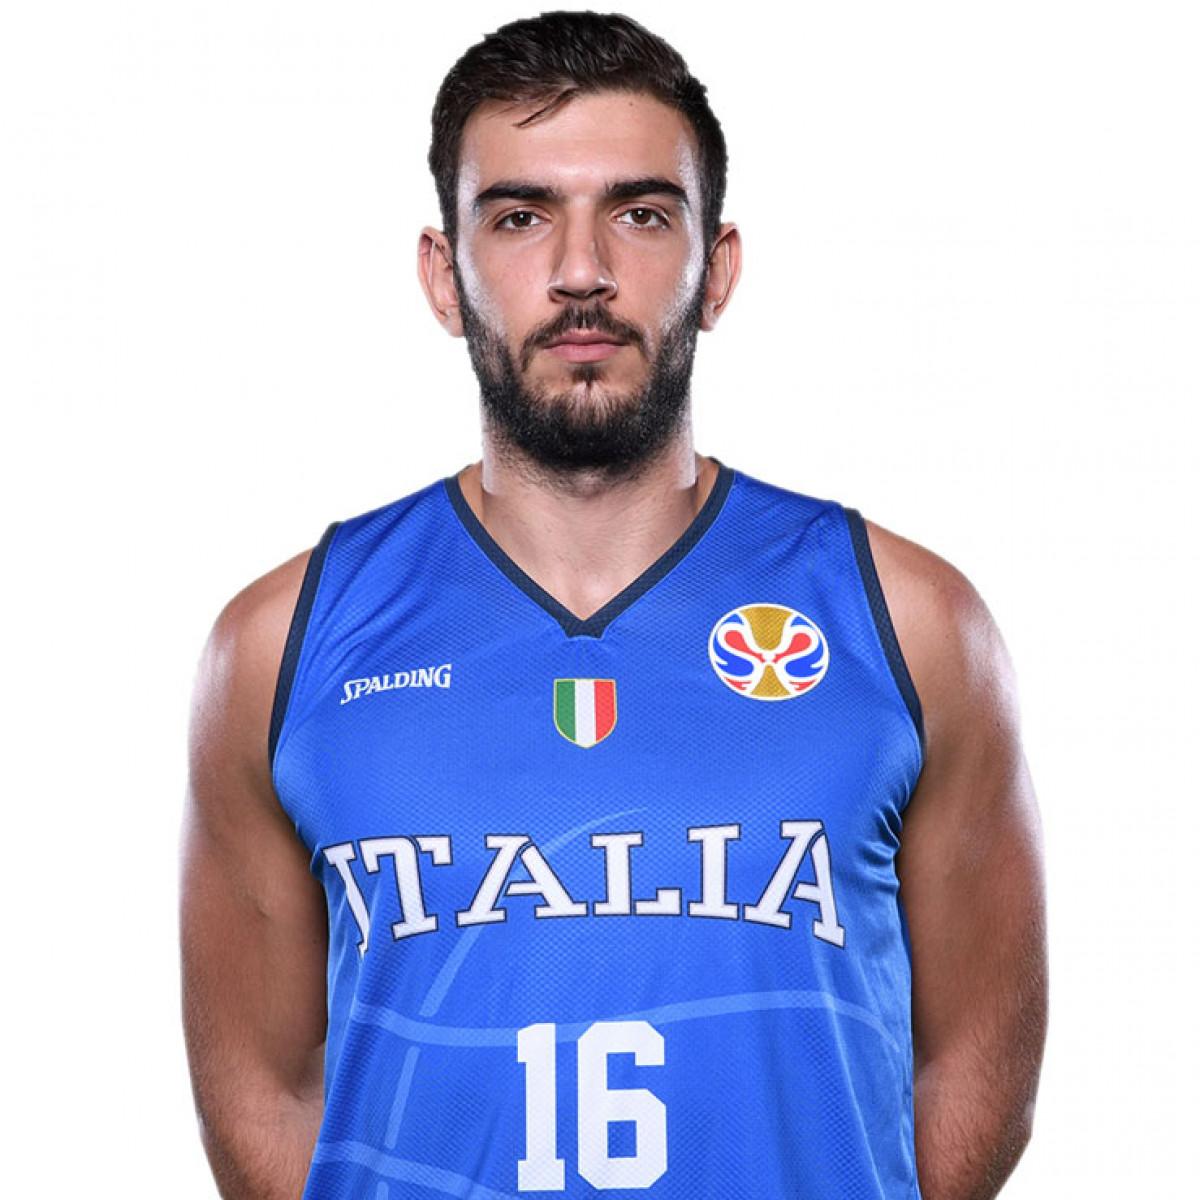 Photo of Amedeo Tessitori, 2019-2020 season